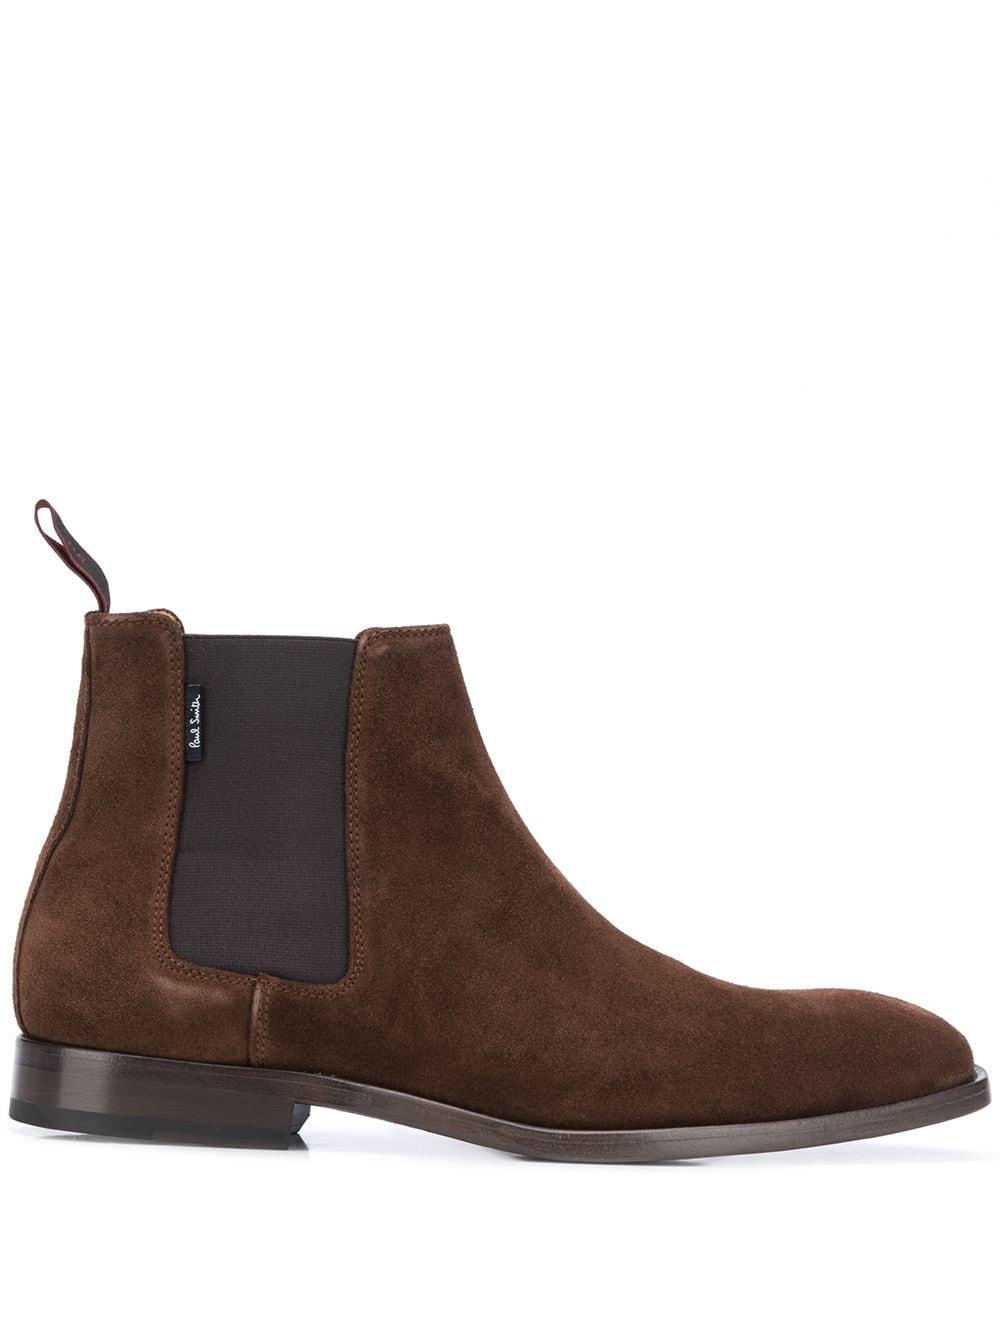 Gerald Shoes